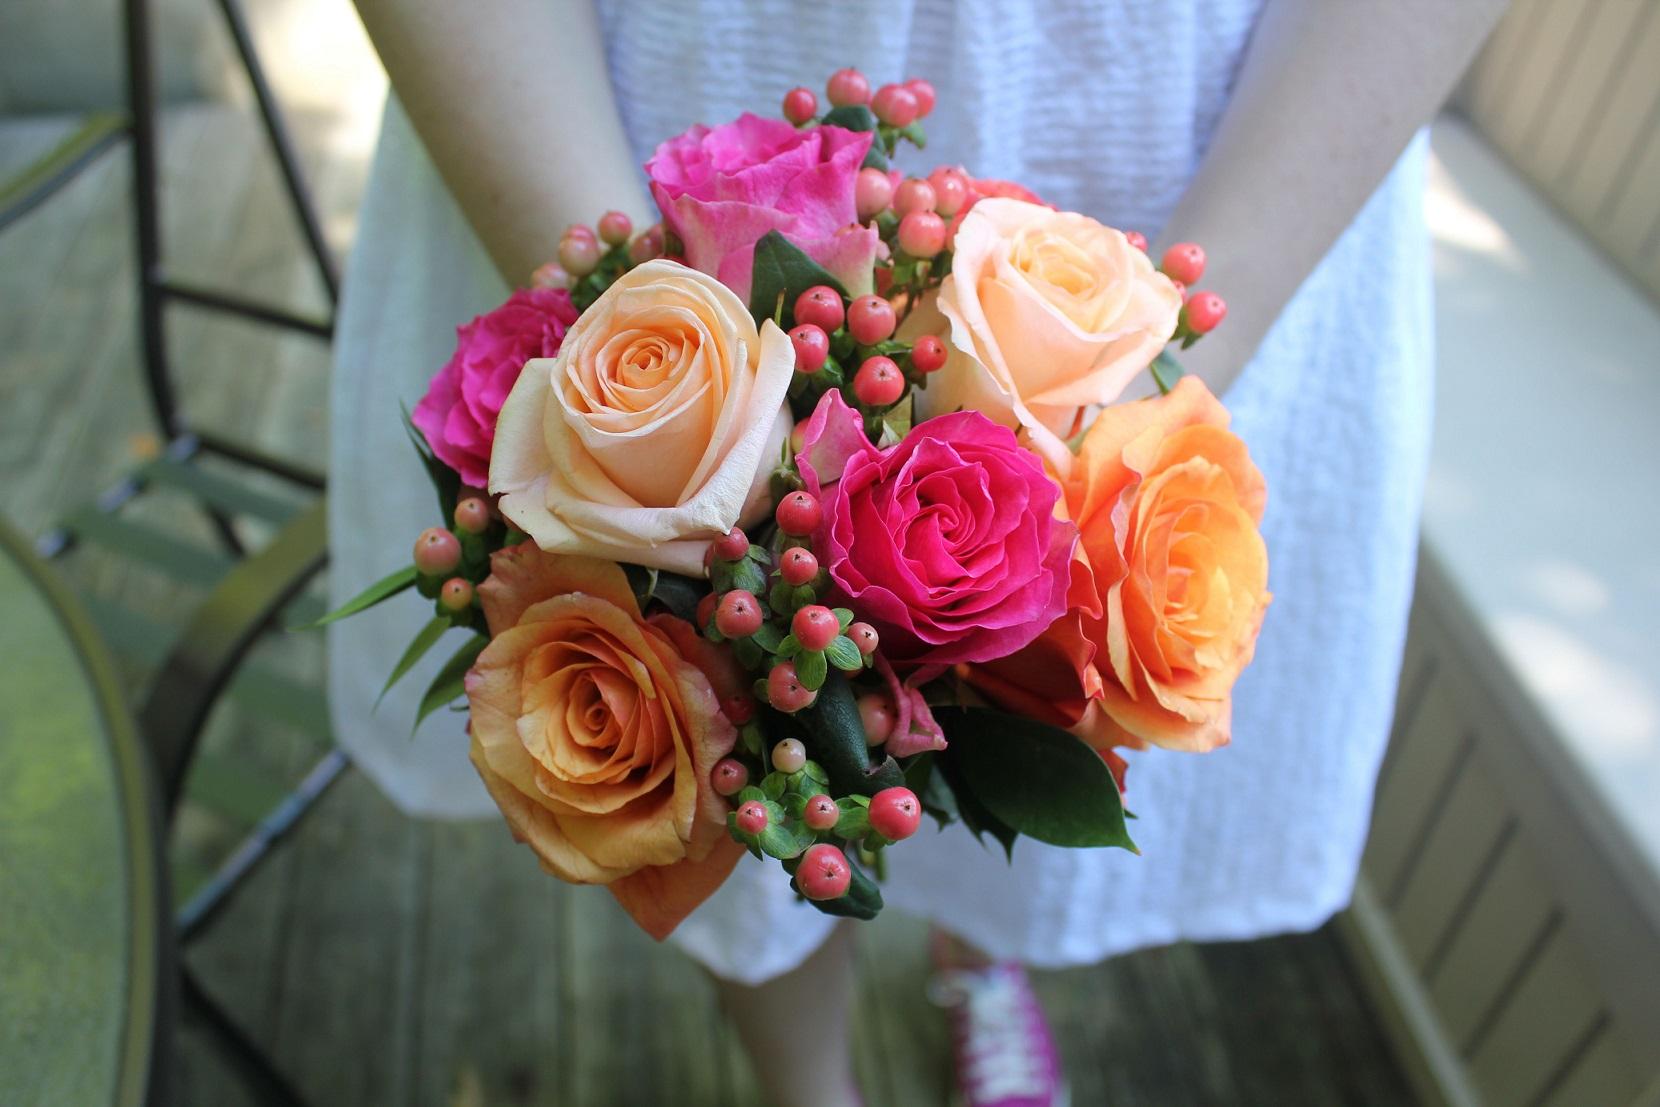 お花を長く楽しむためのコツ ~お花*あれこれ事典~